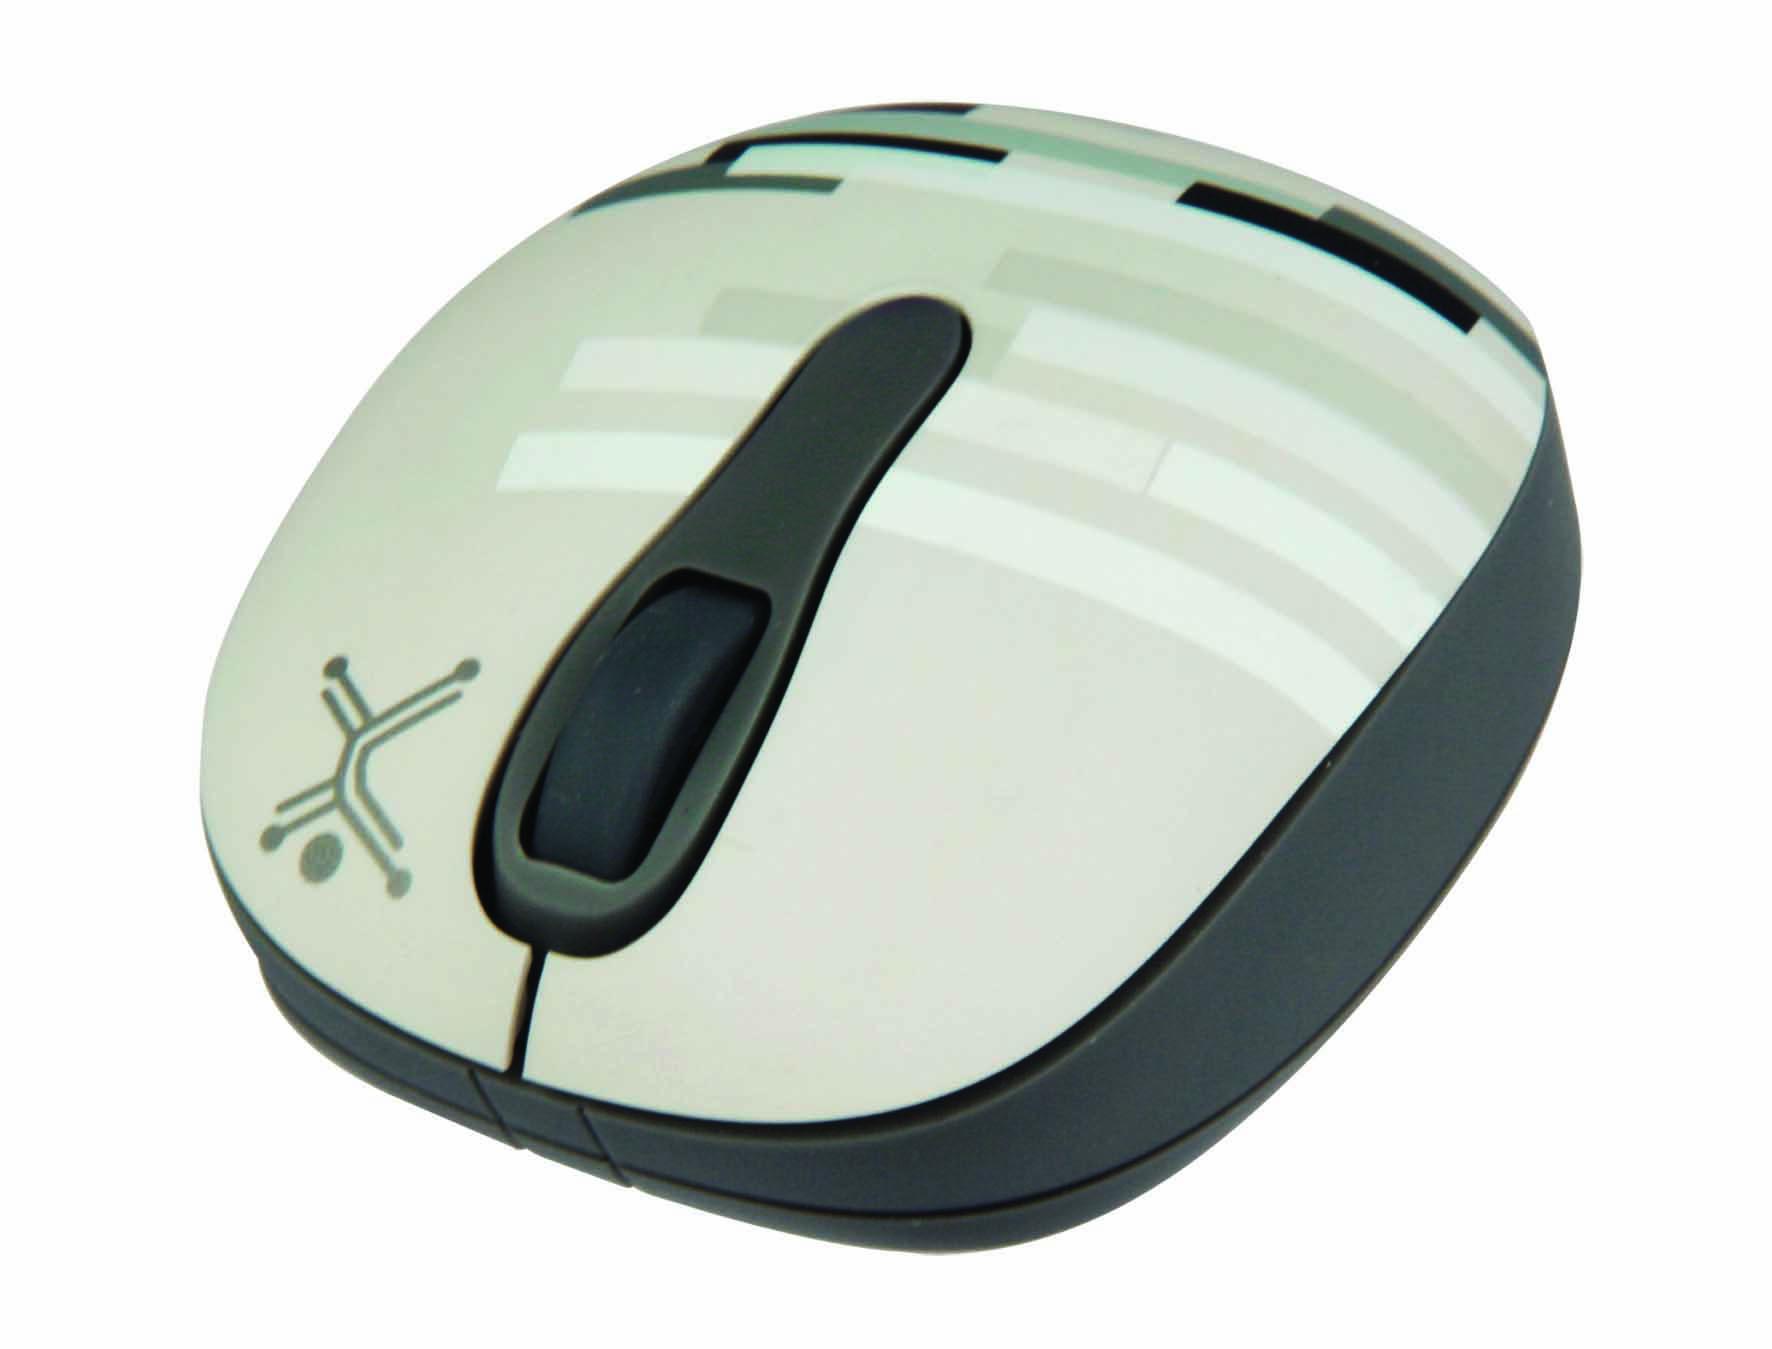 Un mouse con estilo 2